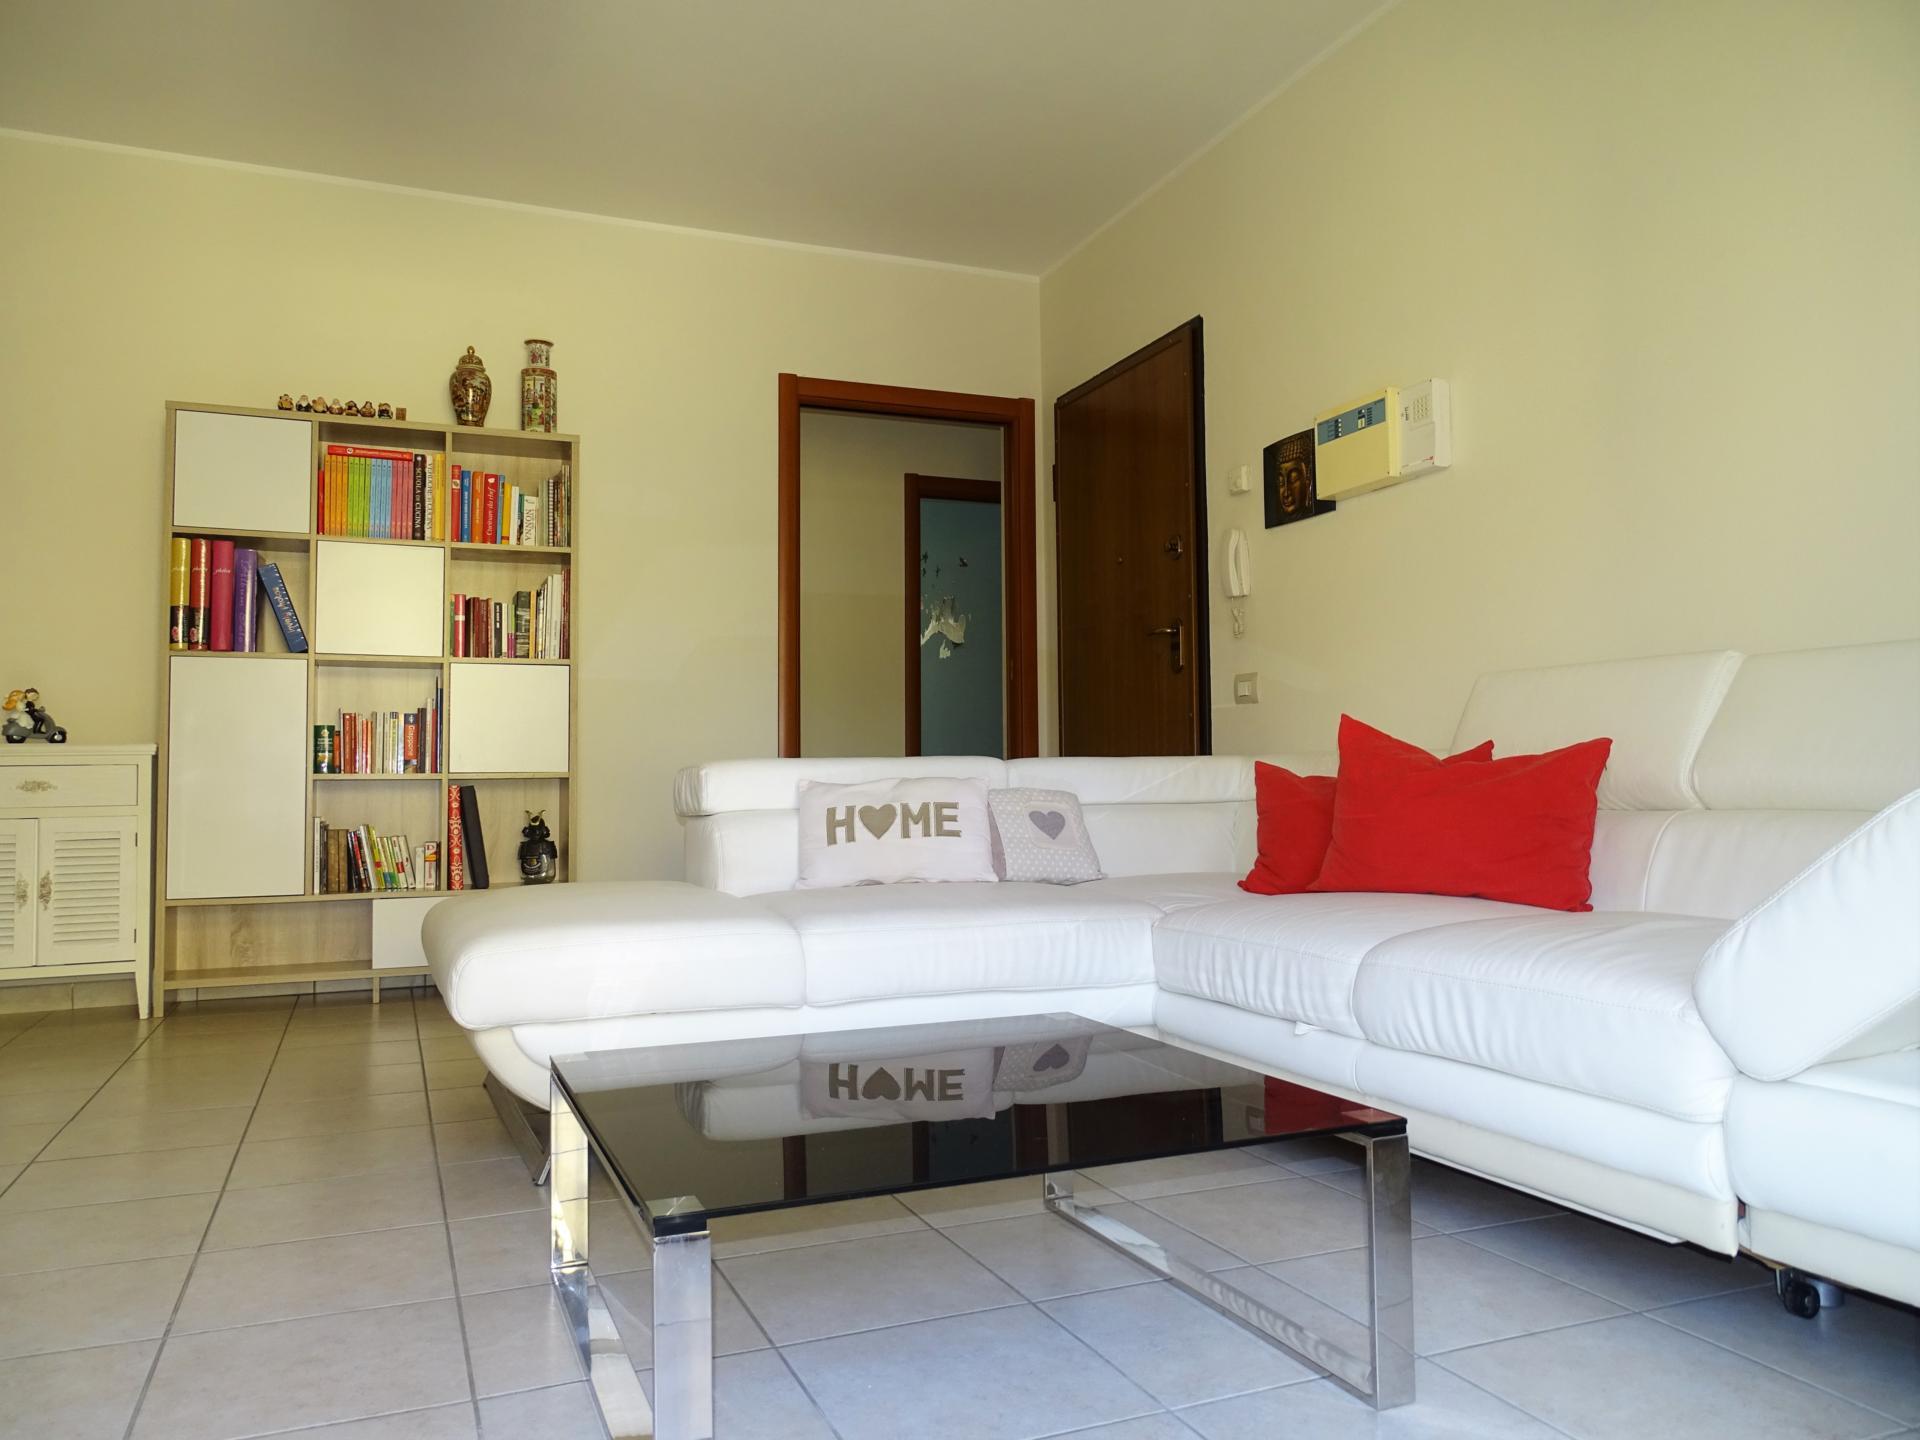 Barracca Manna, Appartamento Pari al Nuovo